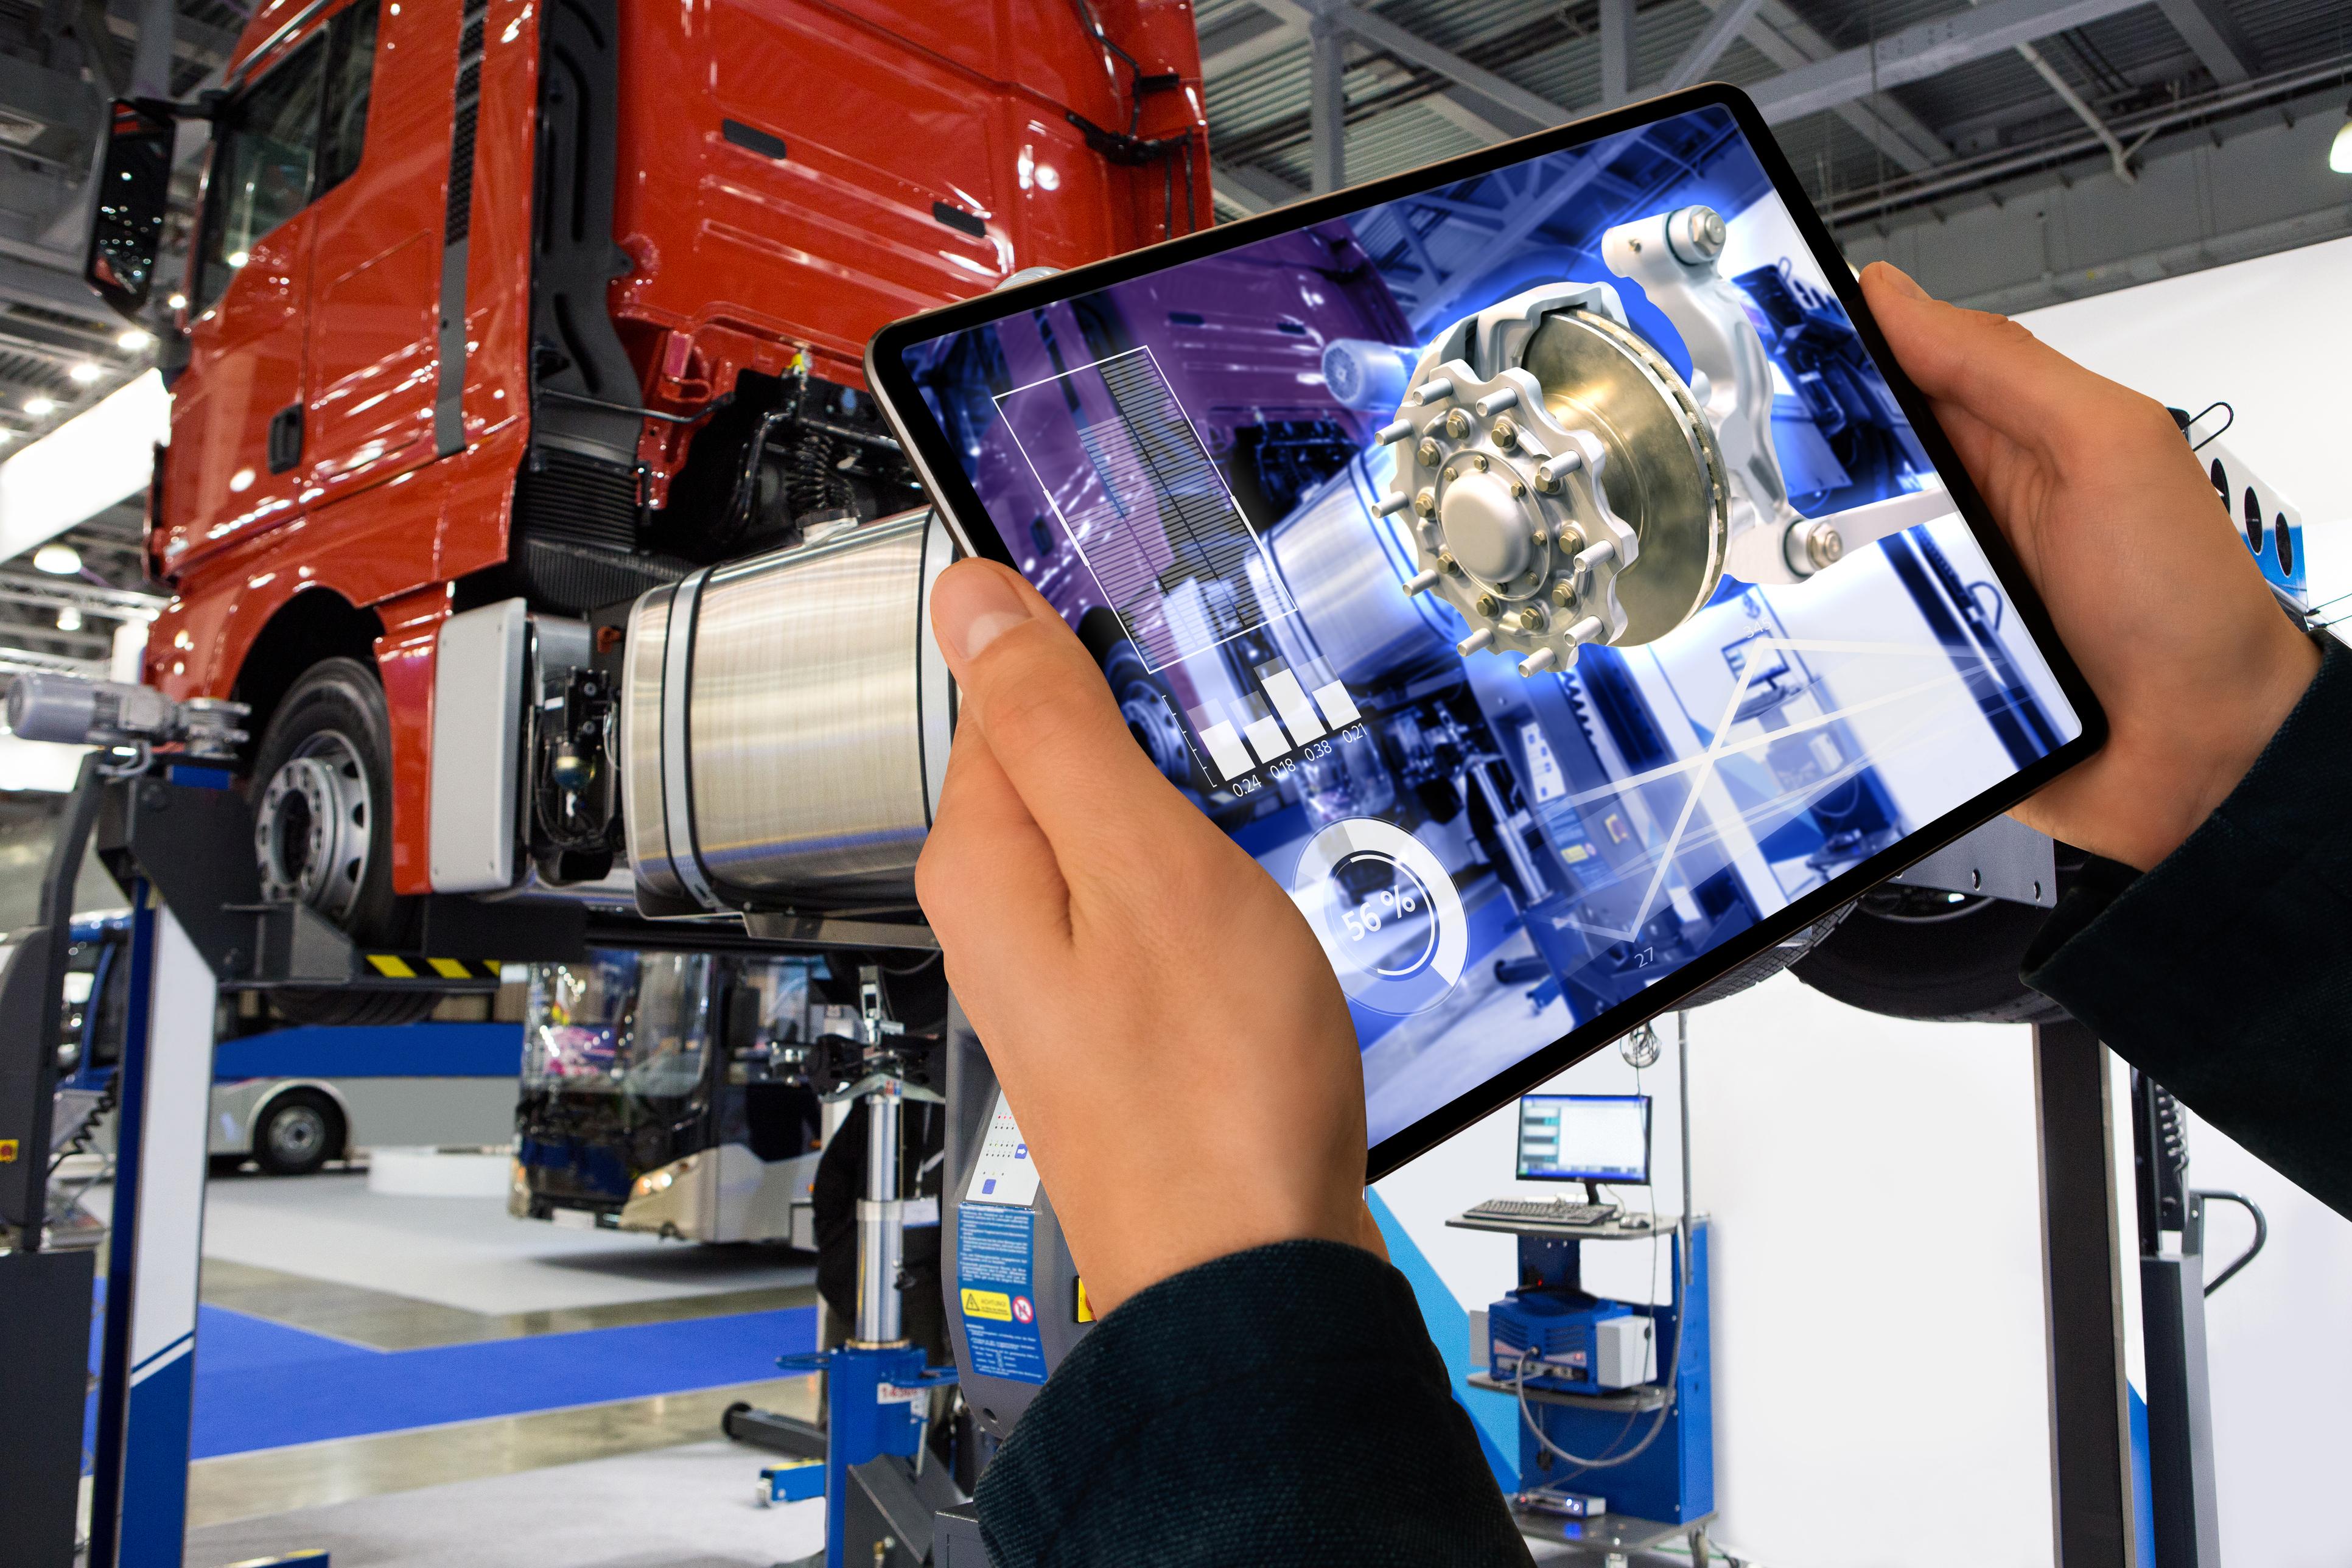 Realitatea augmentată și realitatea virtuală vor transforma milioane de locuri de muncă